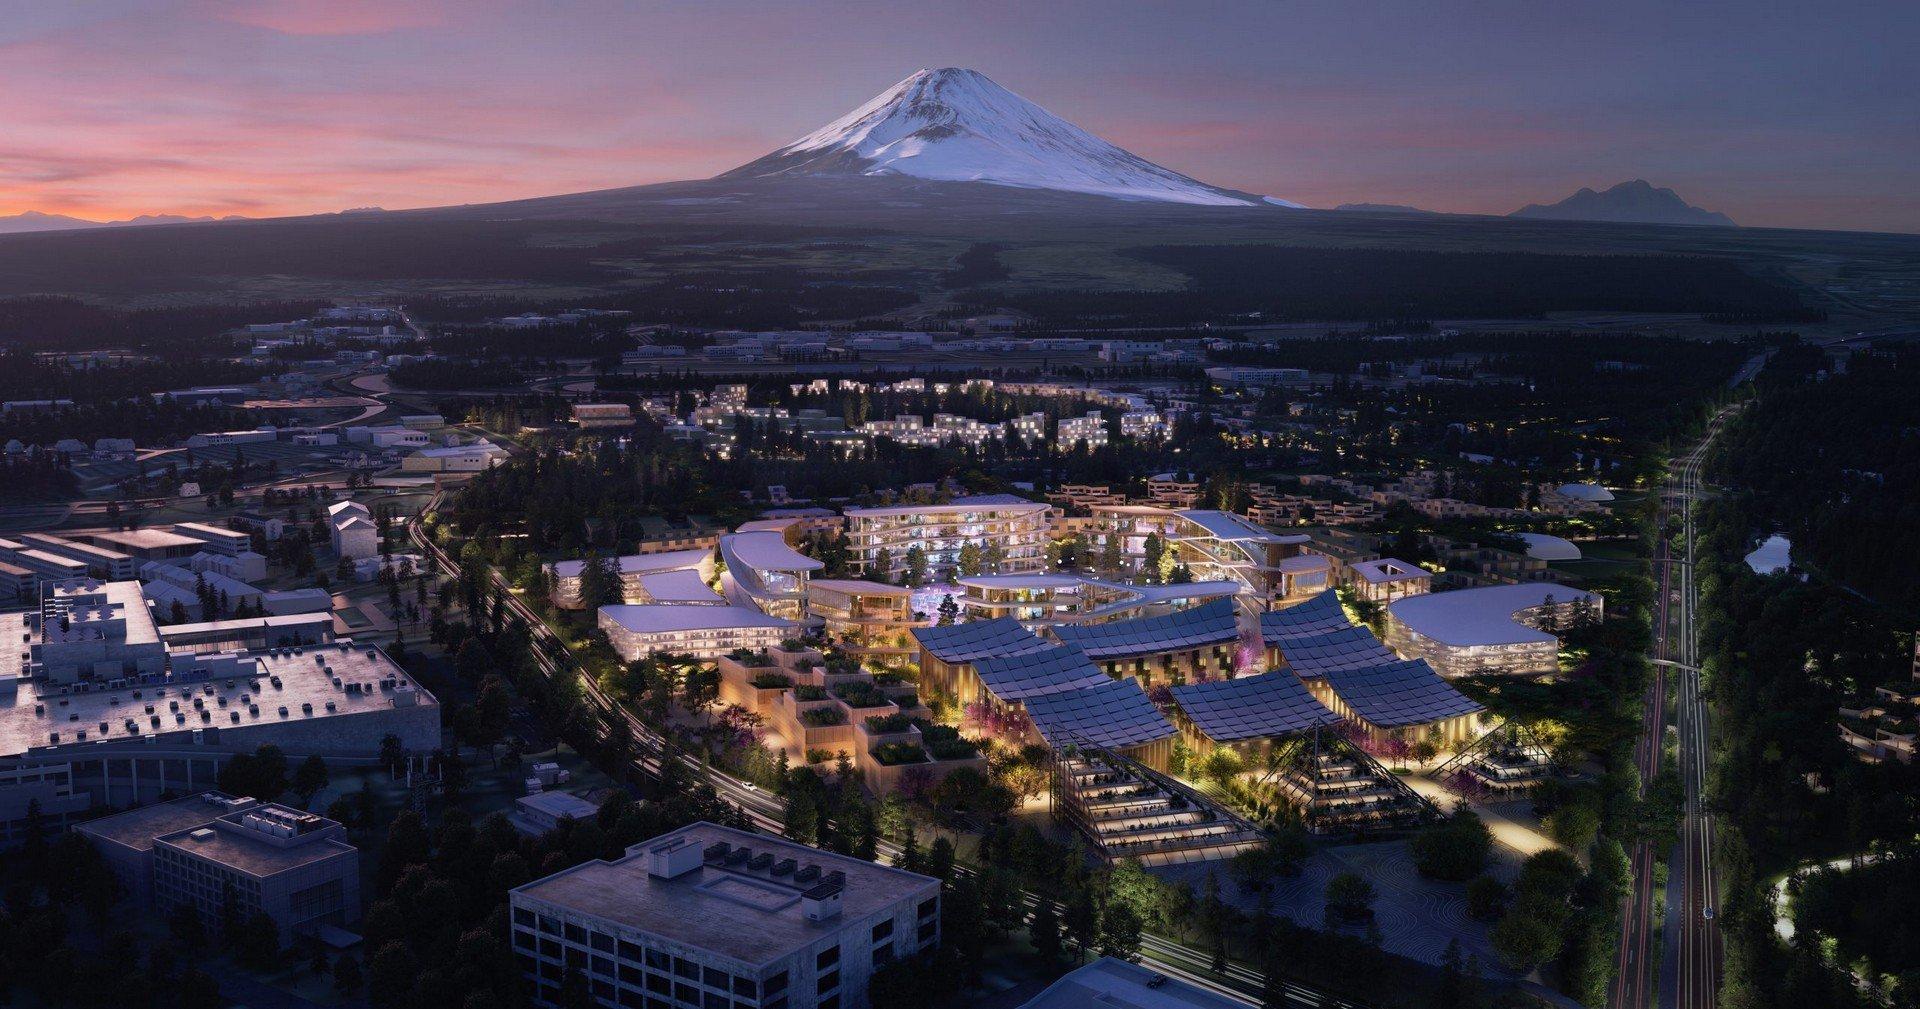 Тойота построит город будущего Woven City у подножья Фудзиямы (видео)